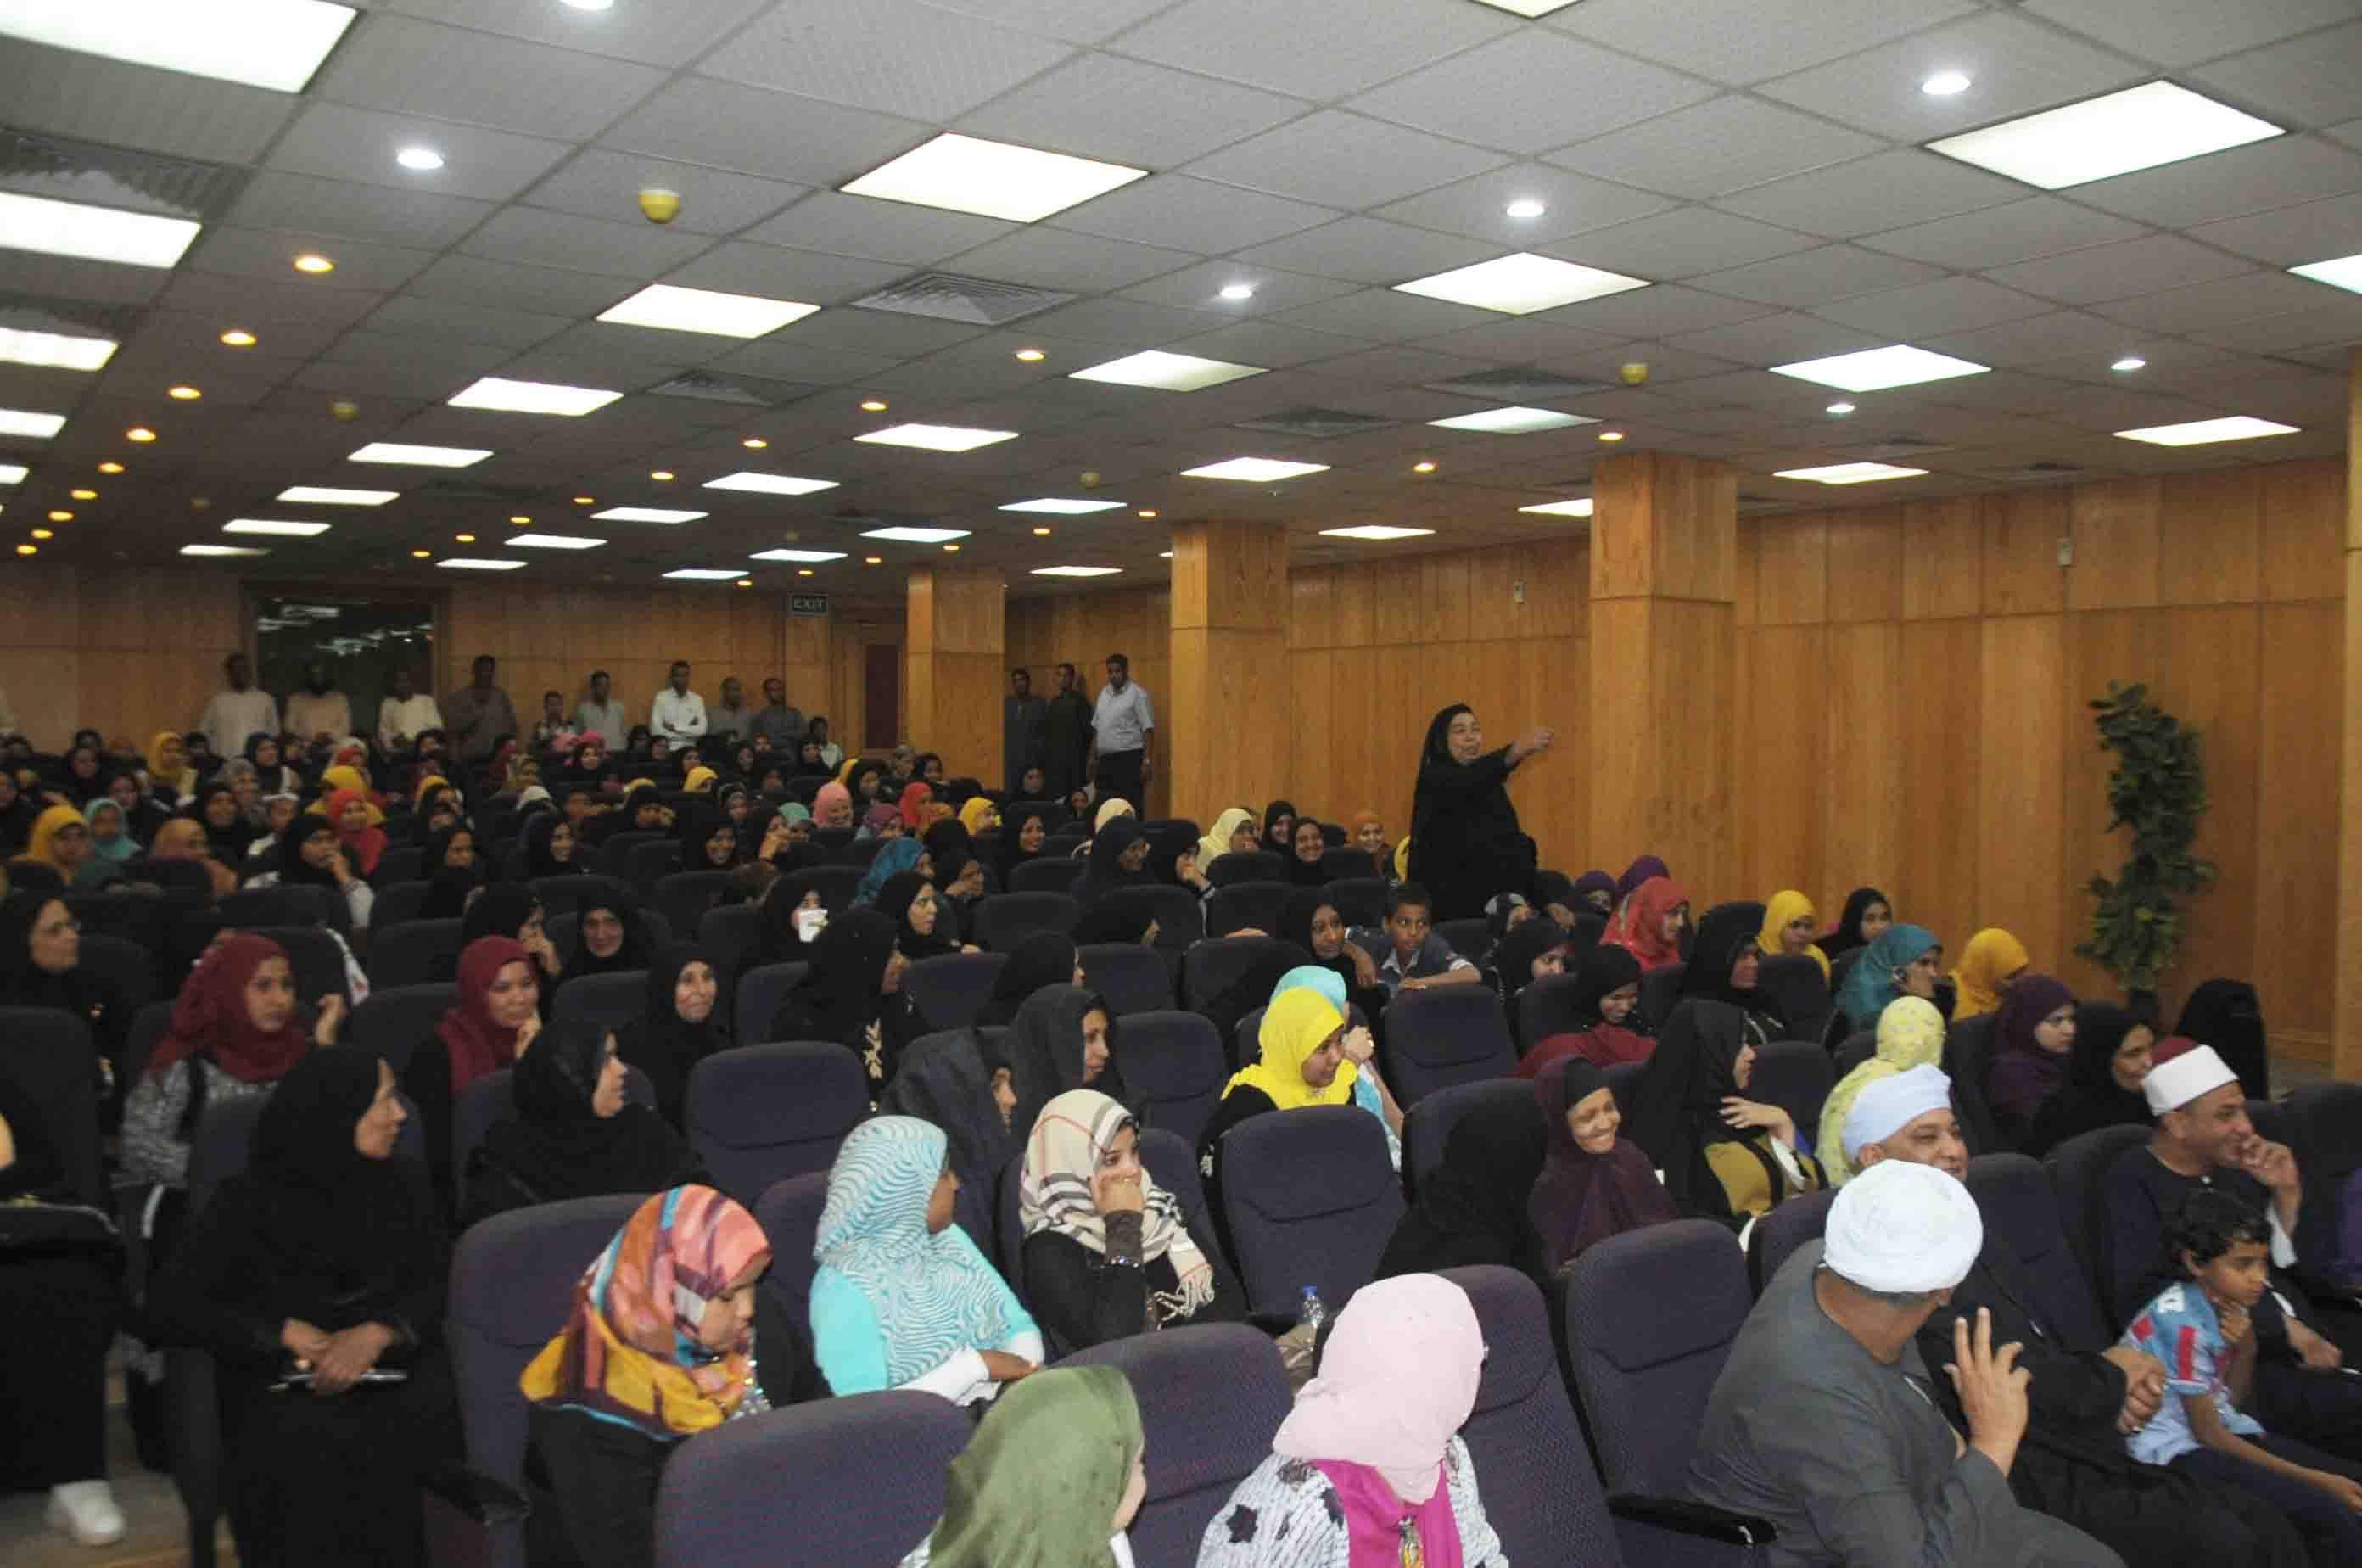 السيدات والعرائس خــلال حضور إحتفال جمعية الأورمان